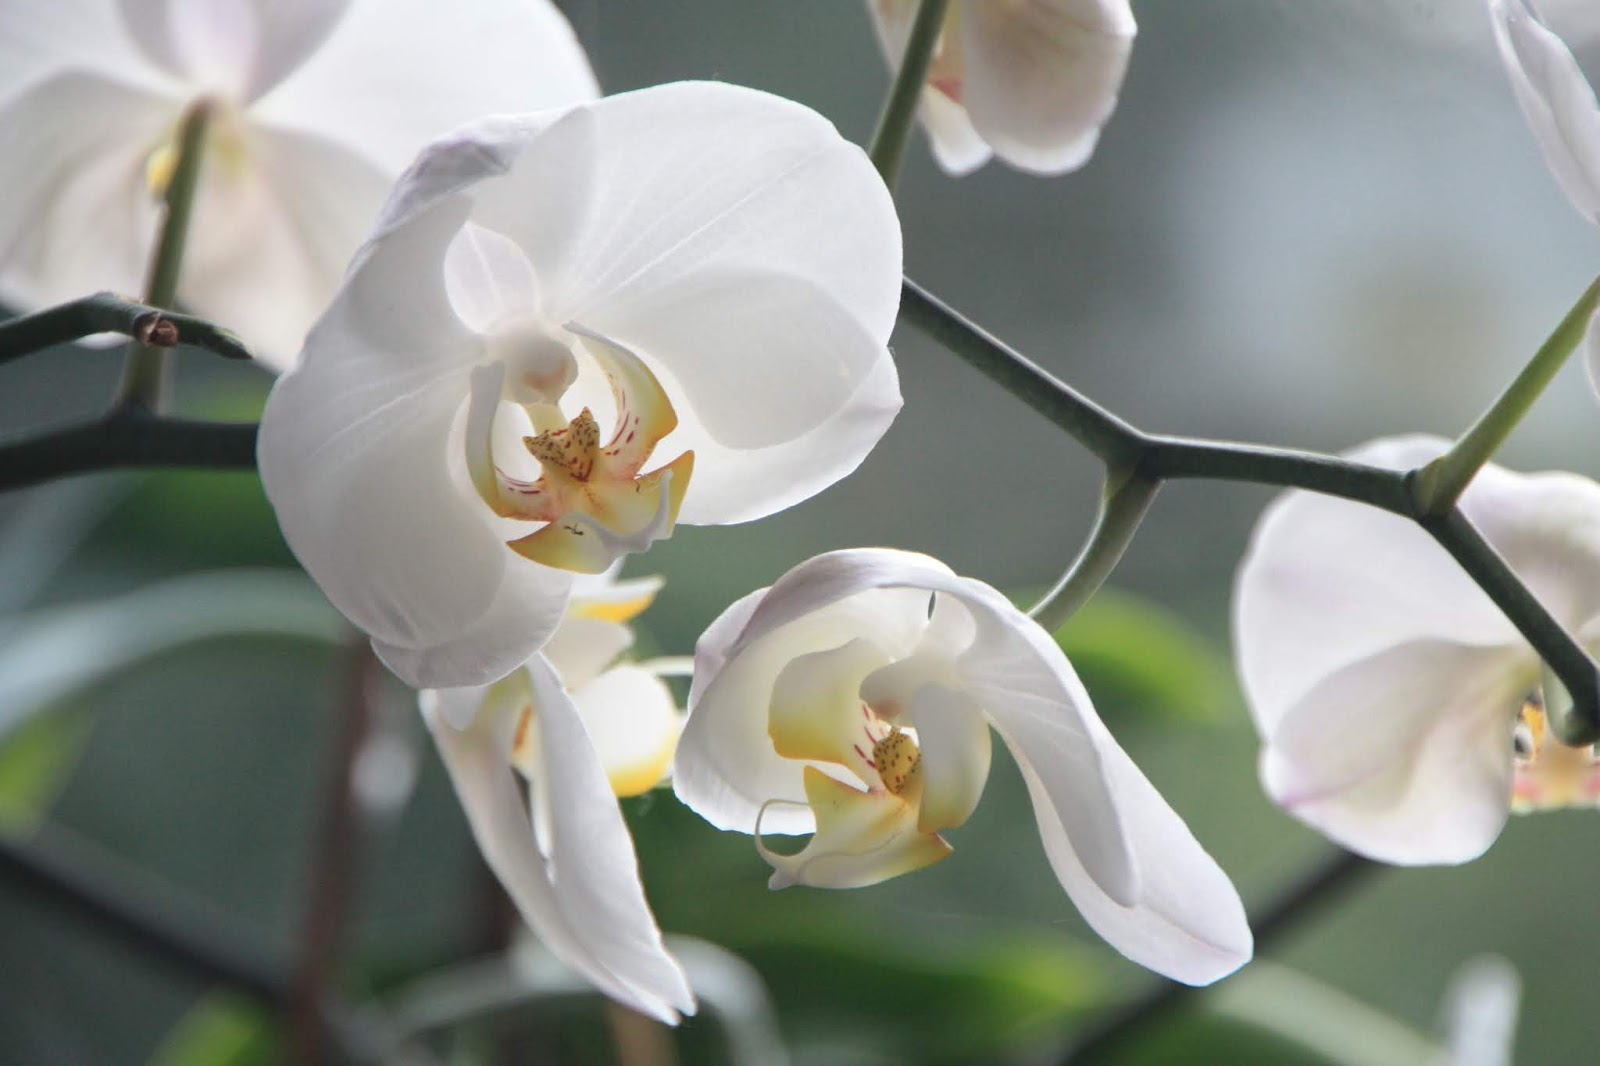 cara merawat anggrek bulan agar rajin berbunga